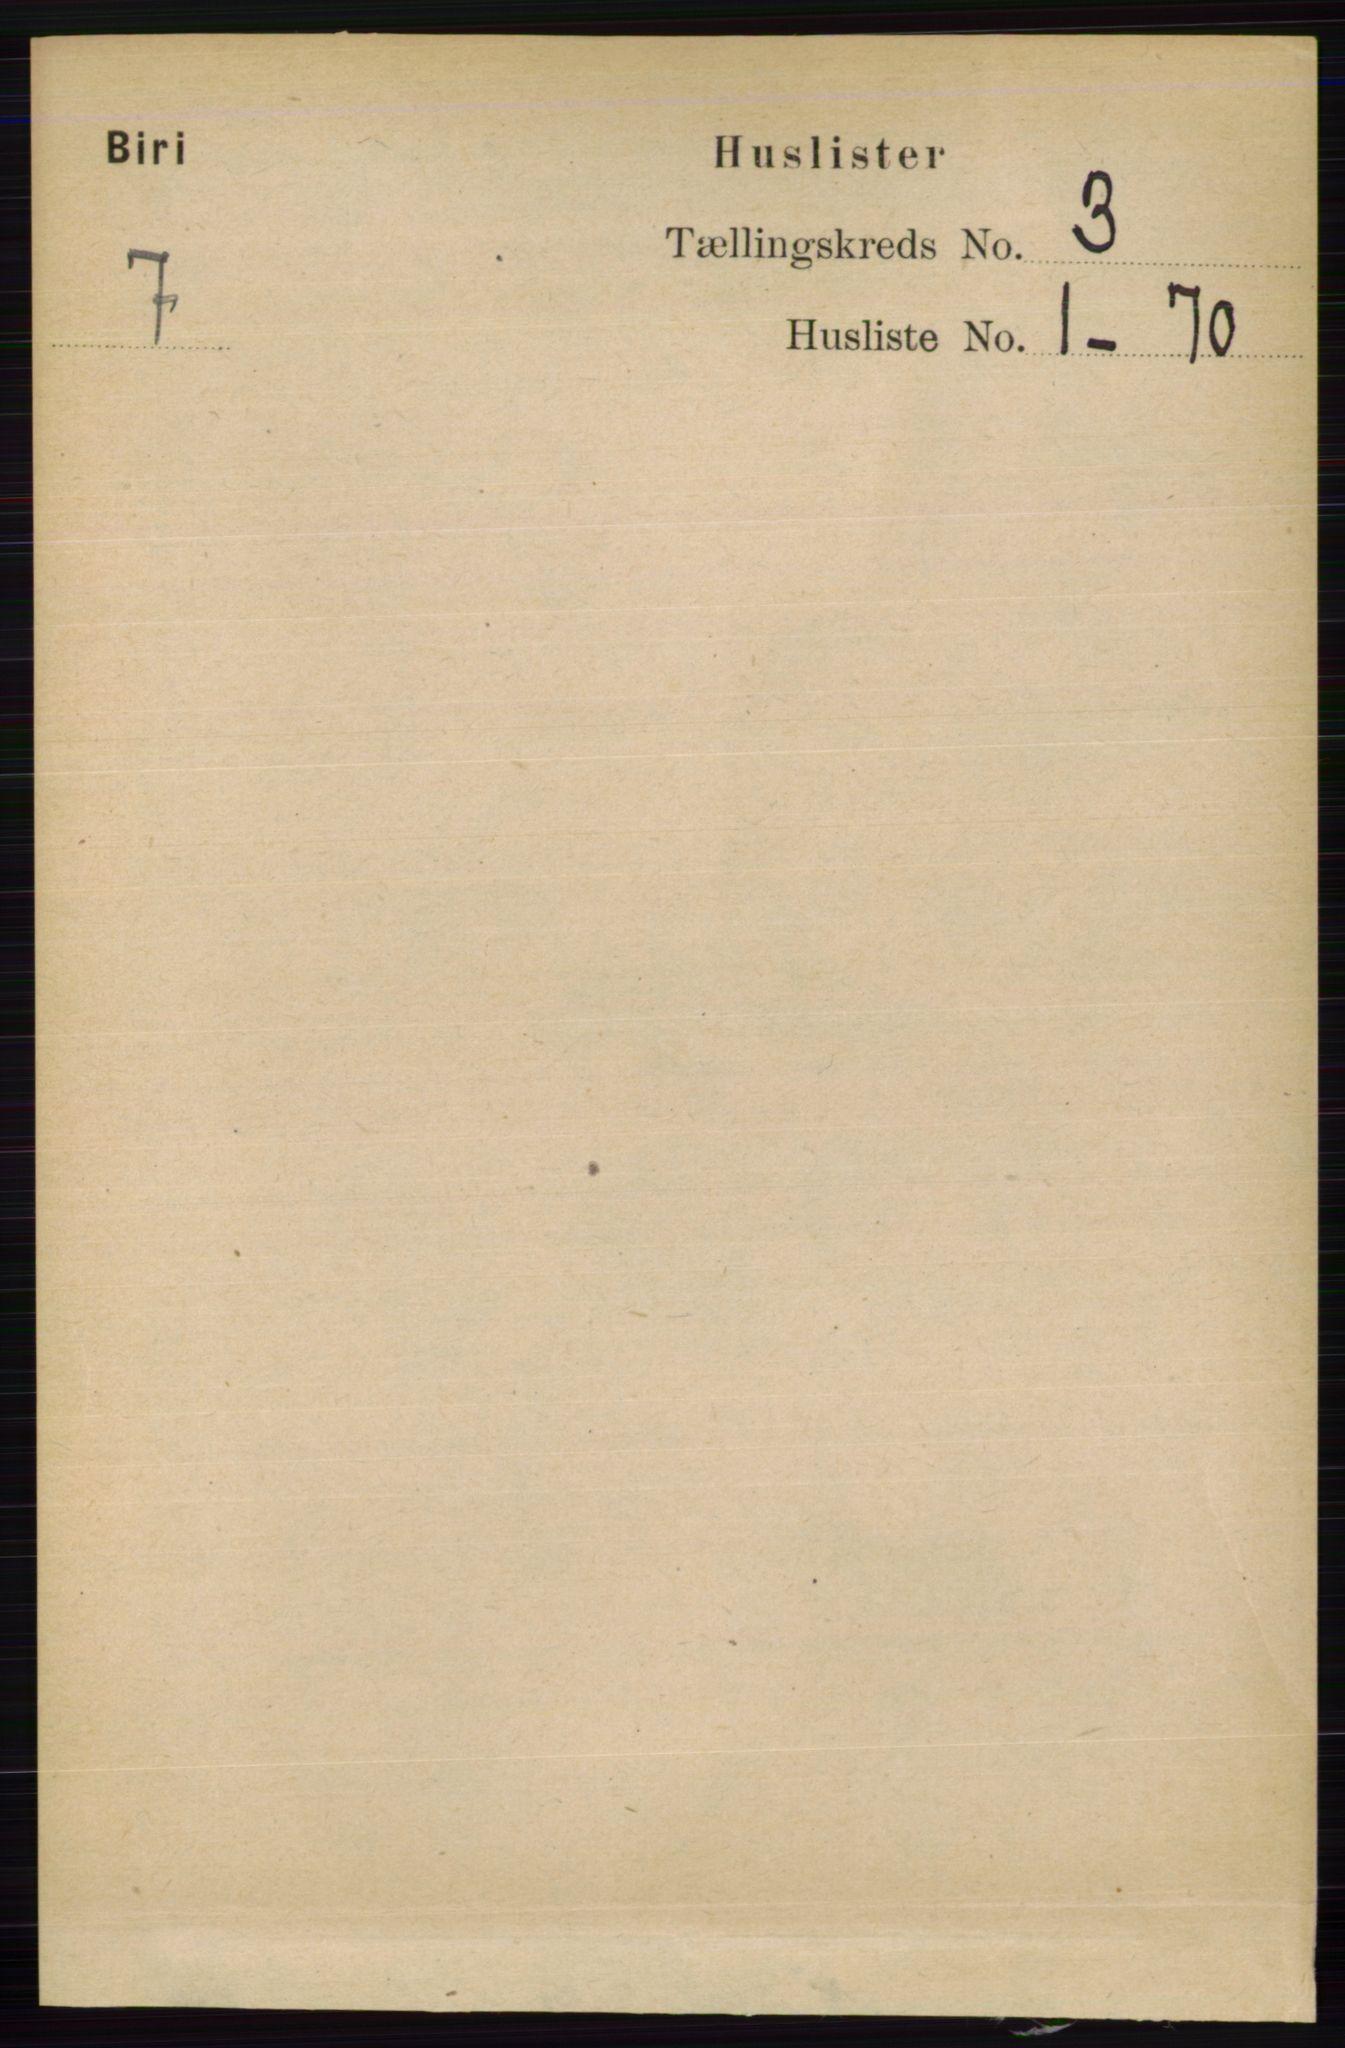 RA, Folketelling 1891 for 0525 Biri herred, 1891, s. 829